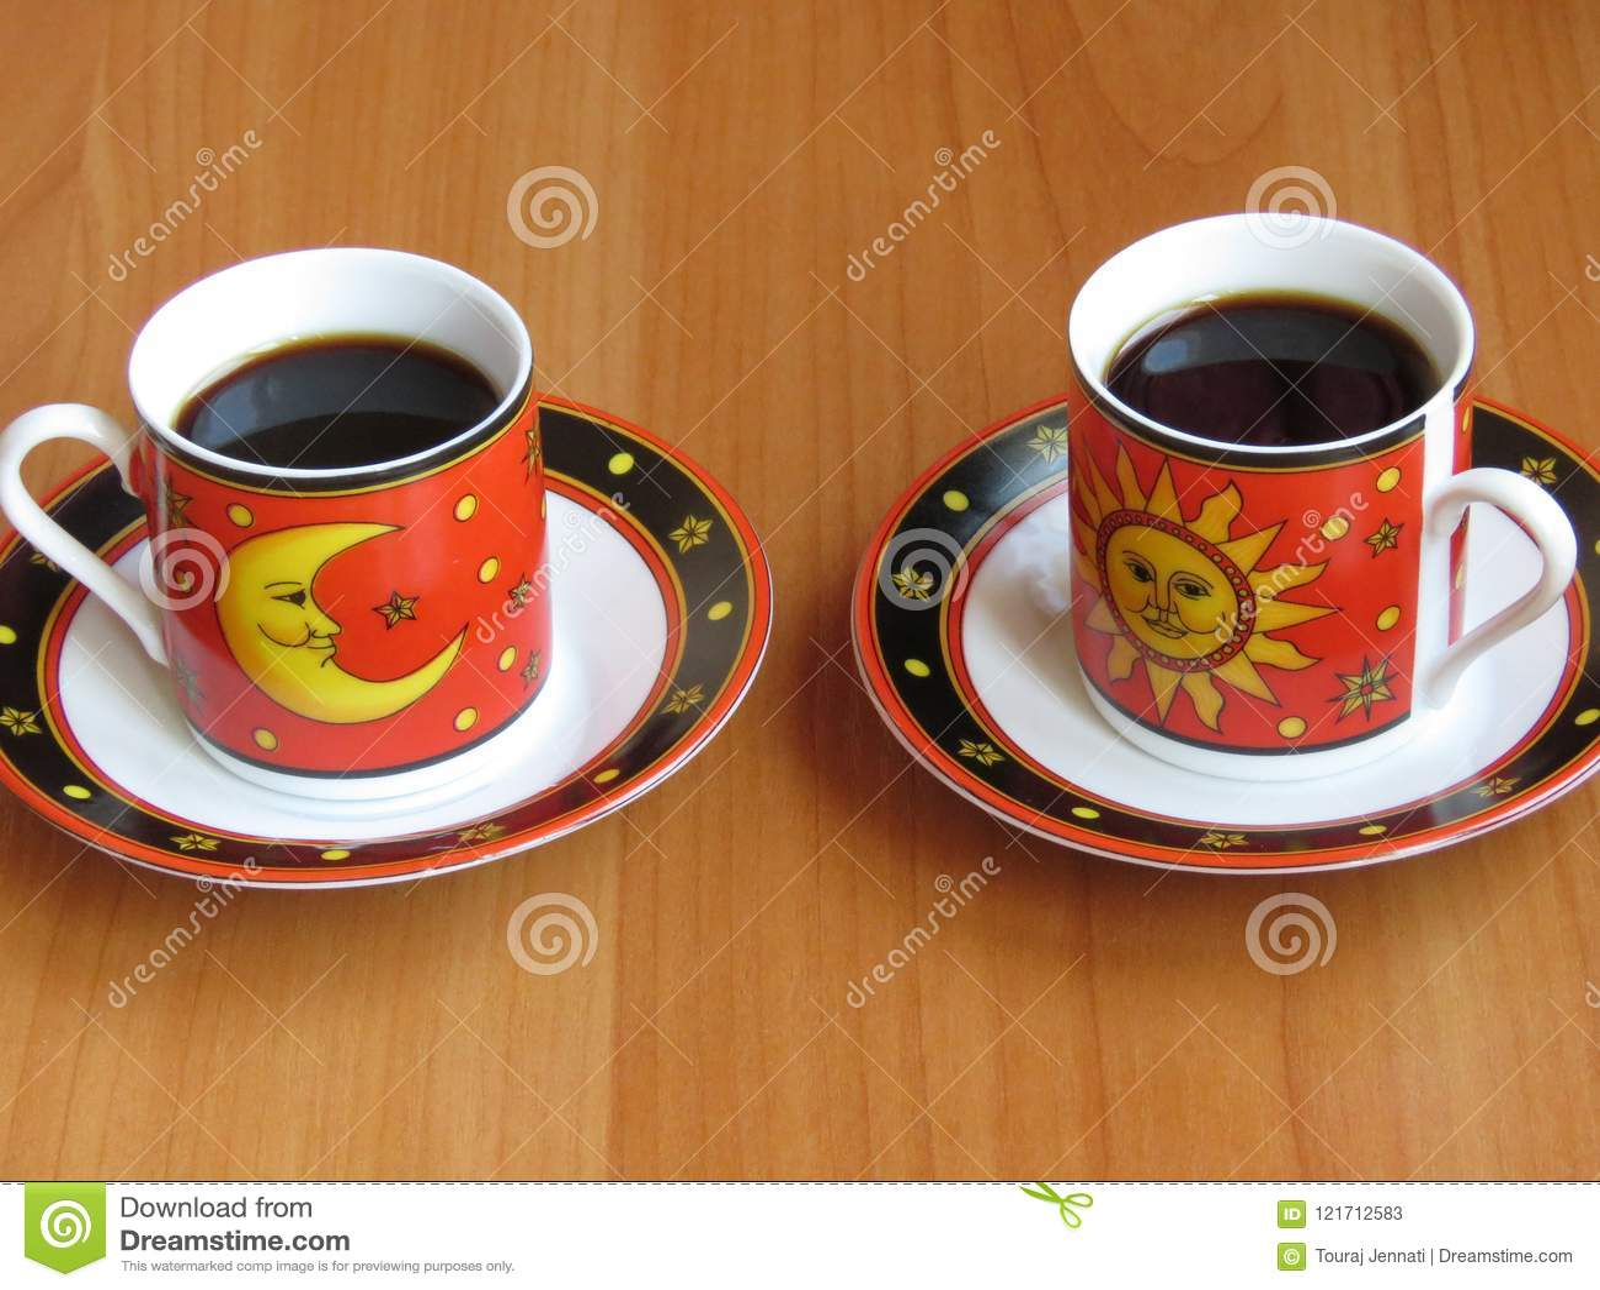 Δύο φλυτζάνια του σκοτεινού καφέ στο κόκκινο με τα στοιχεία φεγγαριών και ήλιων